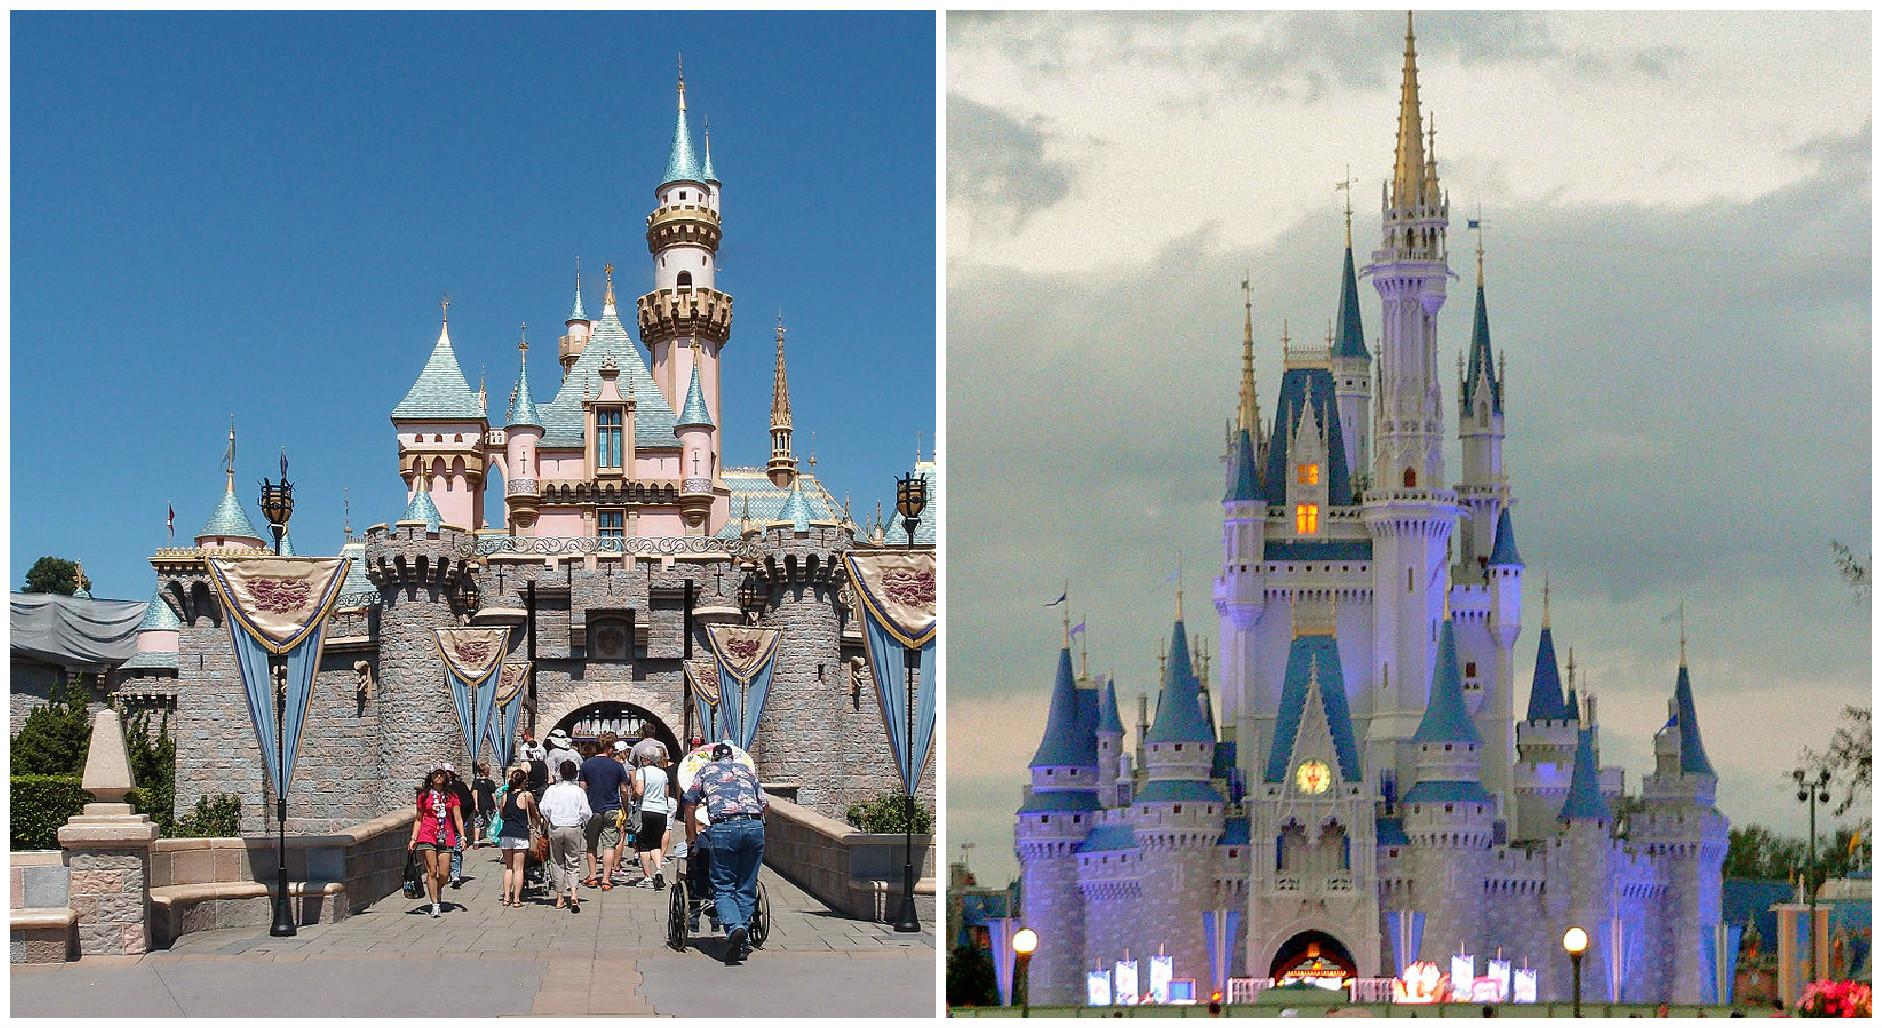 Vacaciones en Disney: Conoce 4 diferencias entre Disneyland® Resort y Walt Disney World® Resort